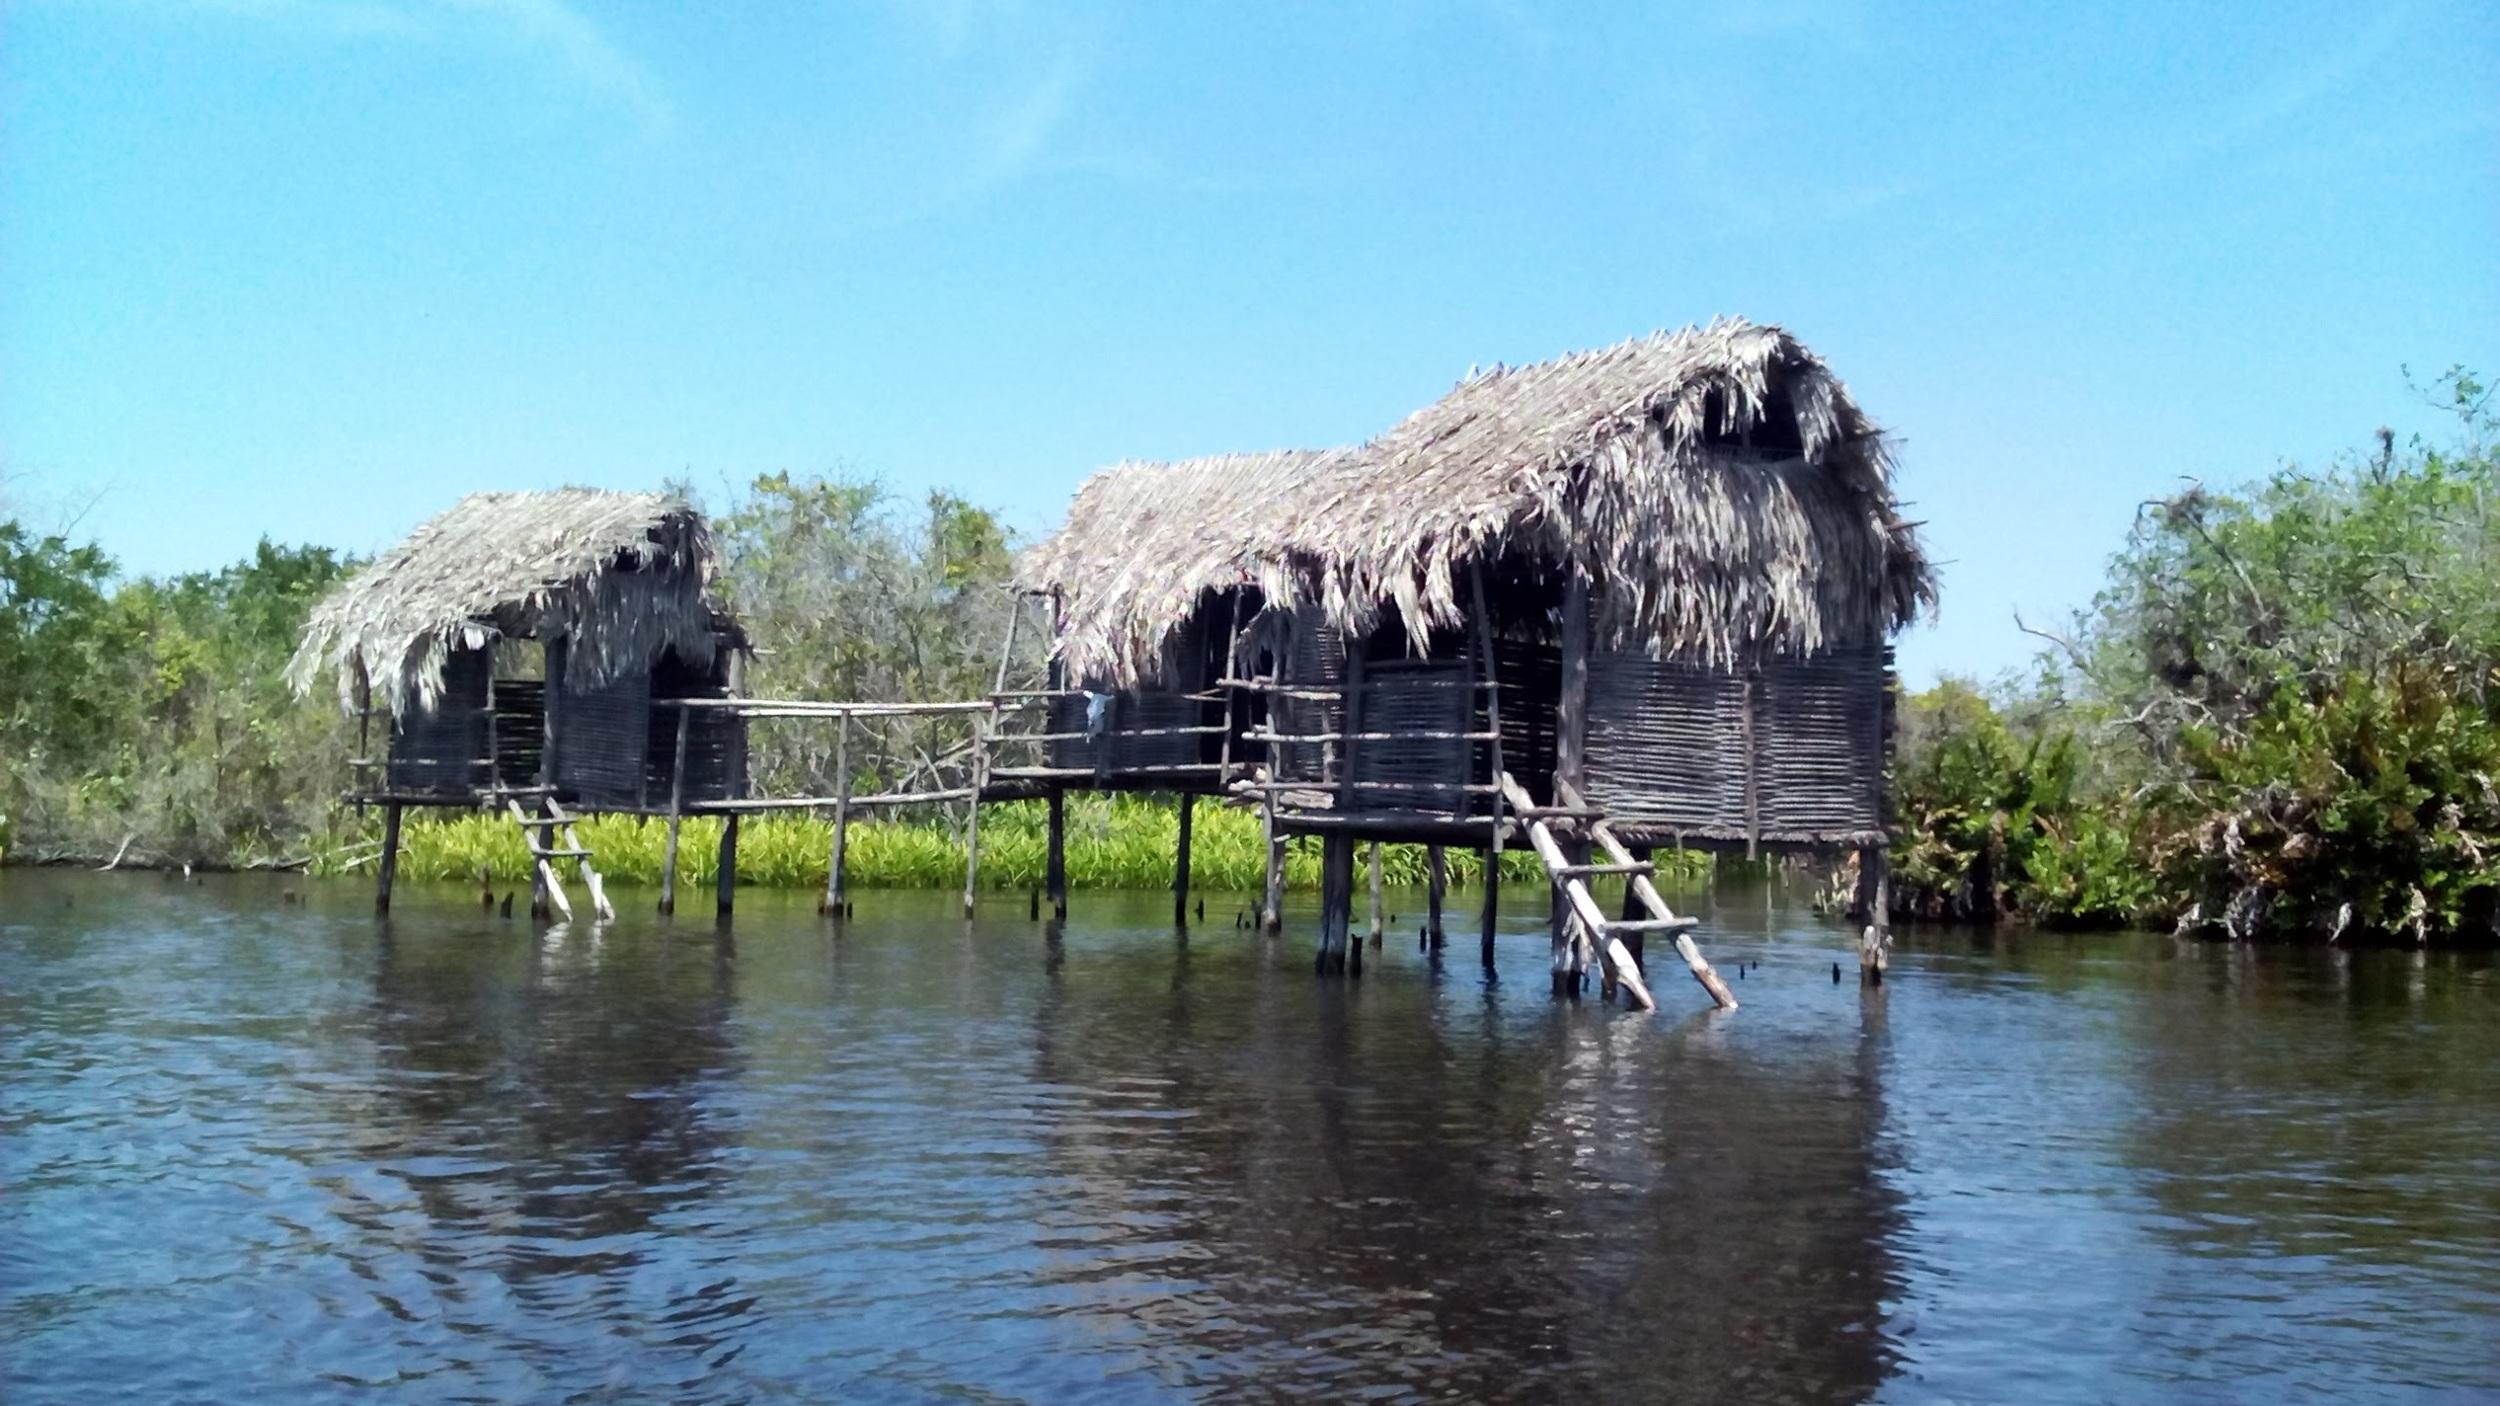 Tovara (Crocodile Sanctuary)